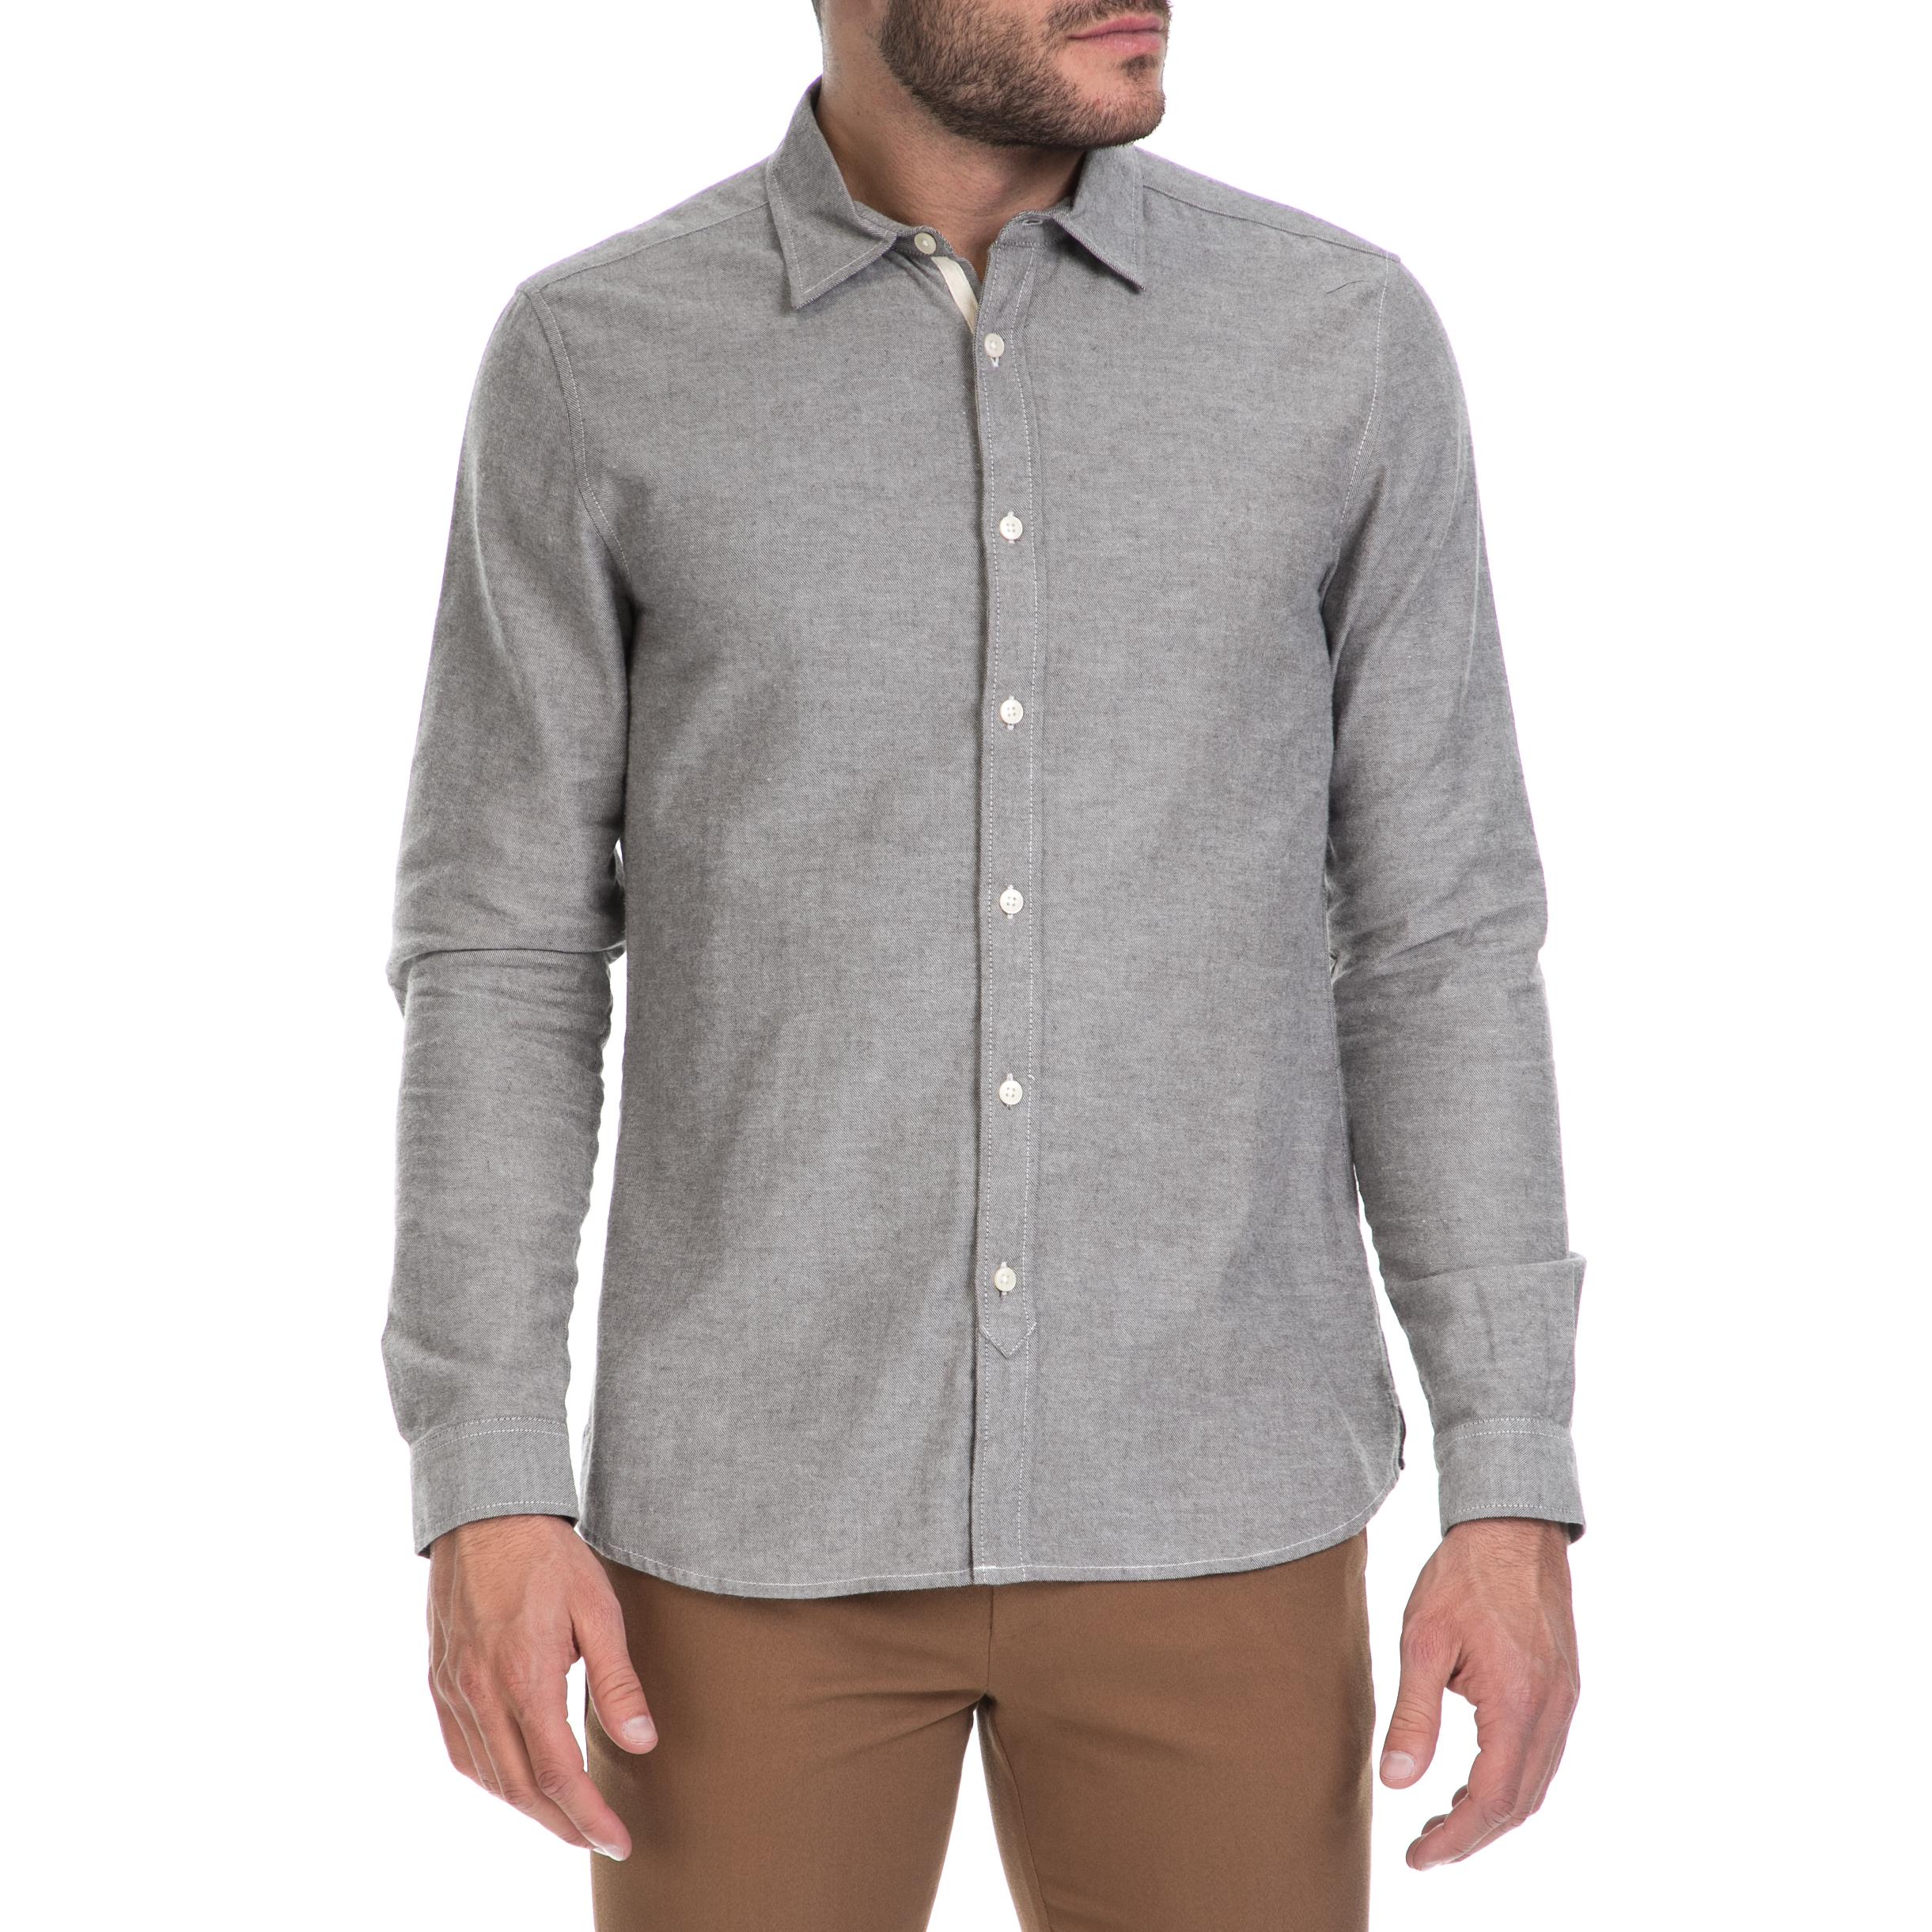 b14af4902a0d Ανδρικά   Ρούχα   Πουκάμισα   Gant Man - Ανδρικό Πουκάμισο GANT ...